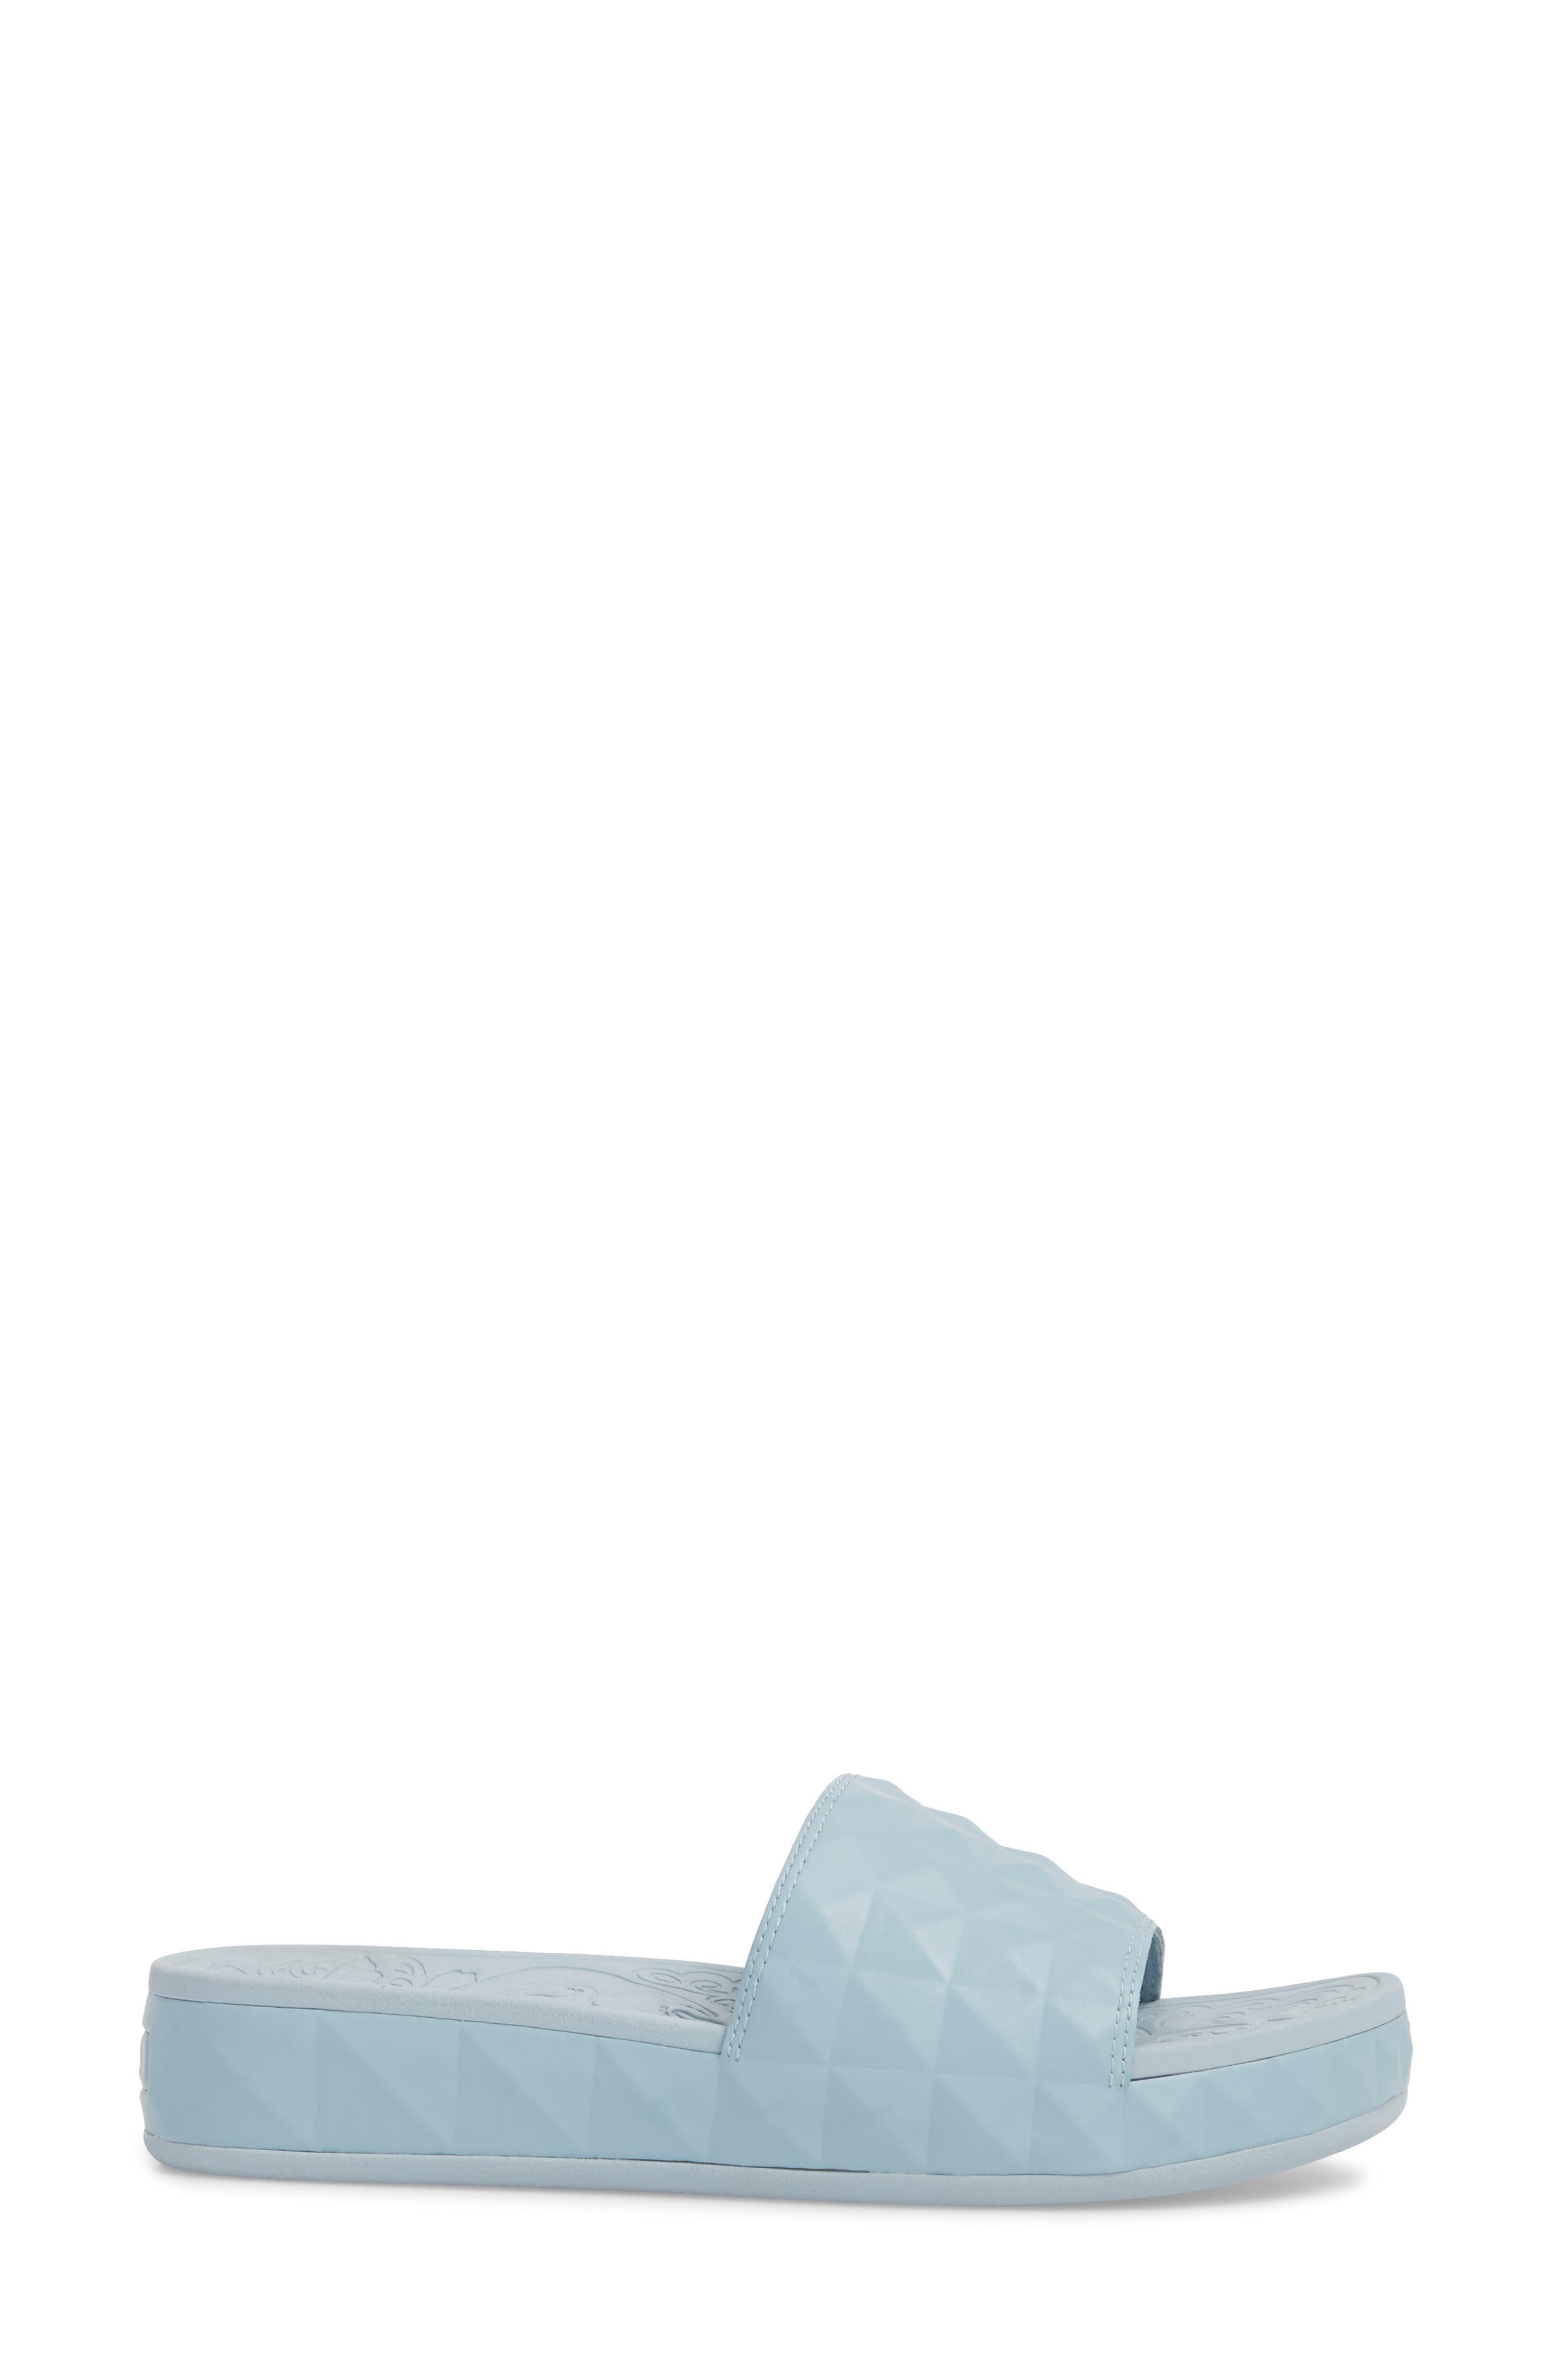 Splash Geo Slide Sandal,                             Alternate thumbnail 3, color,                             Ice Blue